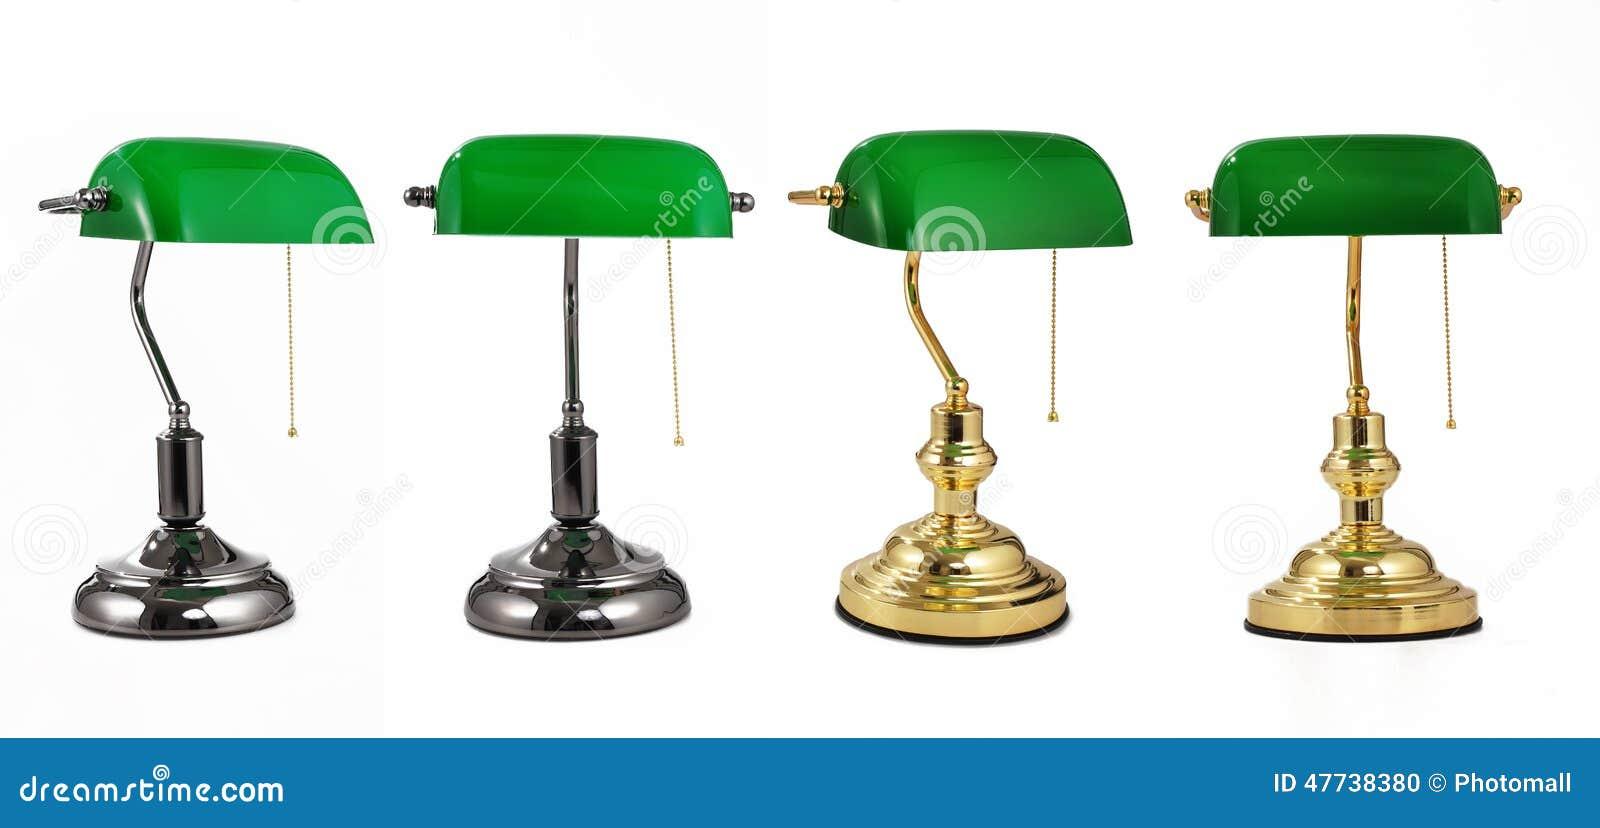 Klassische Bankerschreibtischlampe Mit Goldzugkette Tischlampe